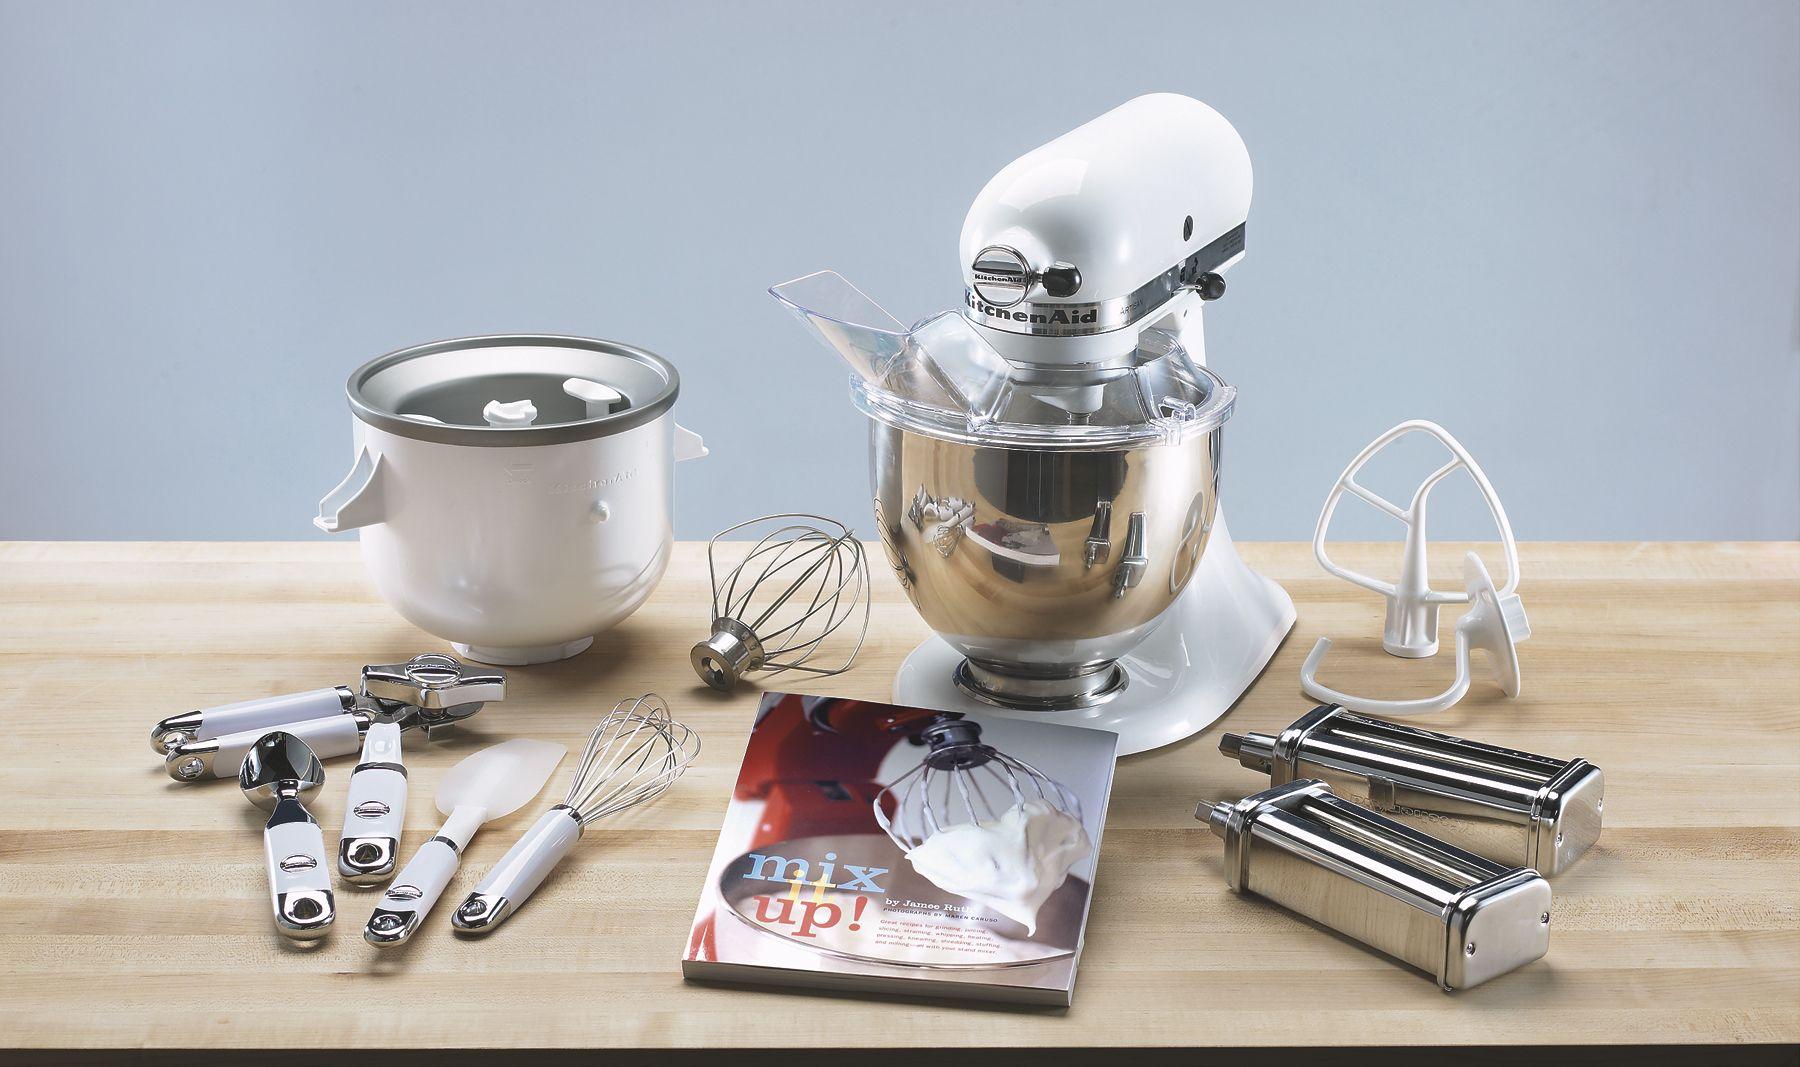 KitchenAid 2-Quart Ice Cream Maker Attachment